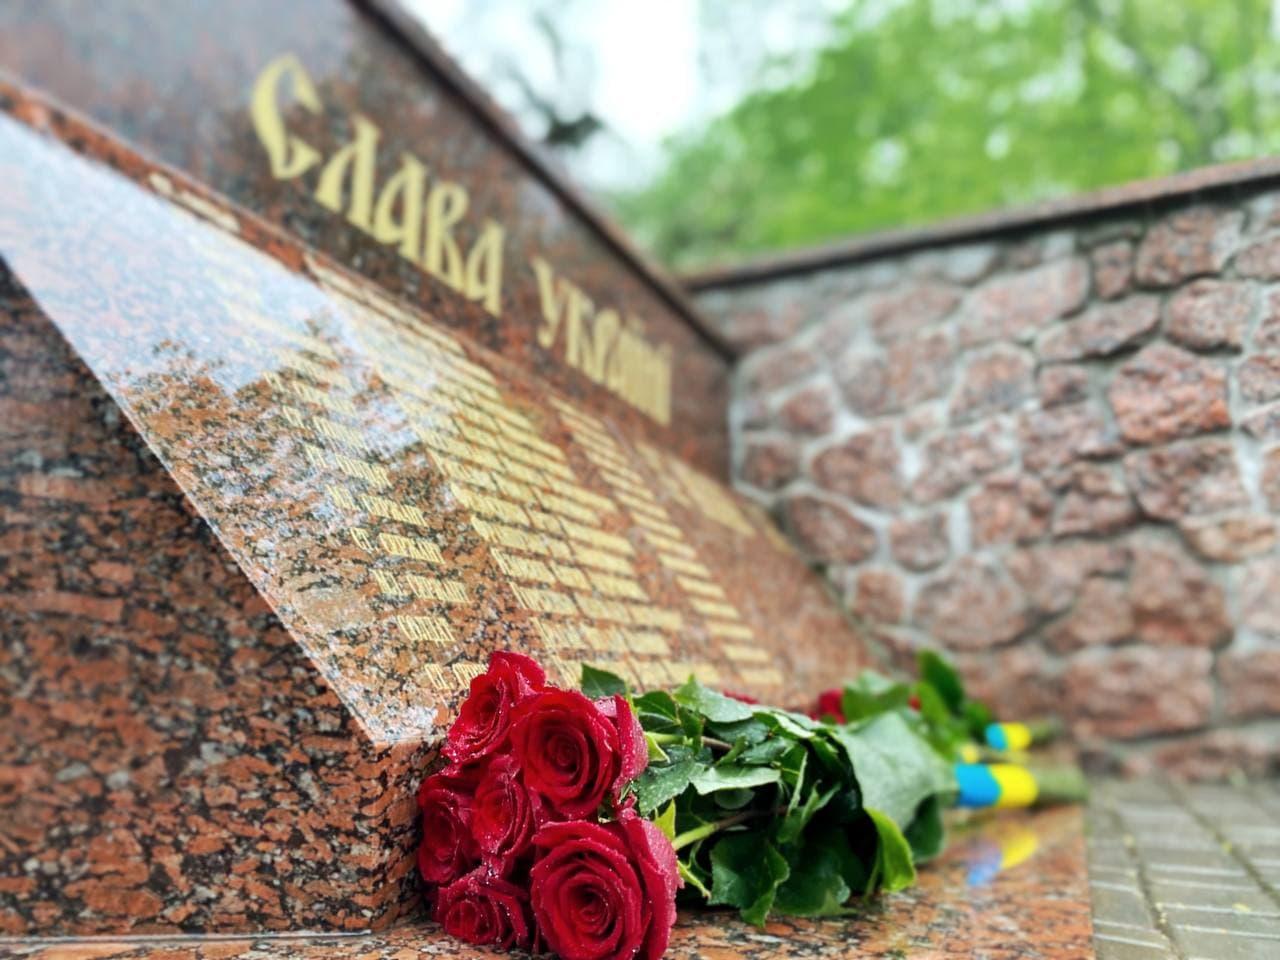 Без Купюр У Кропивницькому вшанували пам'ять загиблих воїнів Другої світової війни та учасників АТО/ОСС Головне Події  новини Кіровоградщина день пам'яті та примирення 2021 Квітень